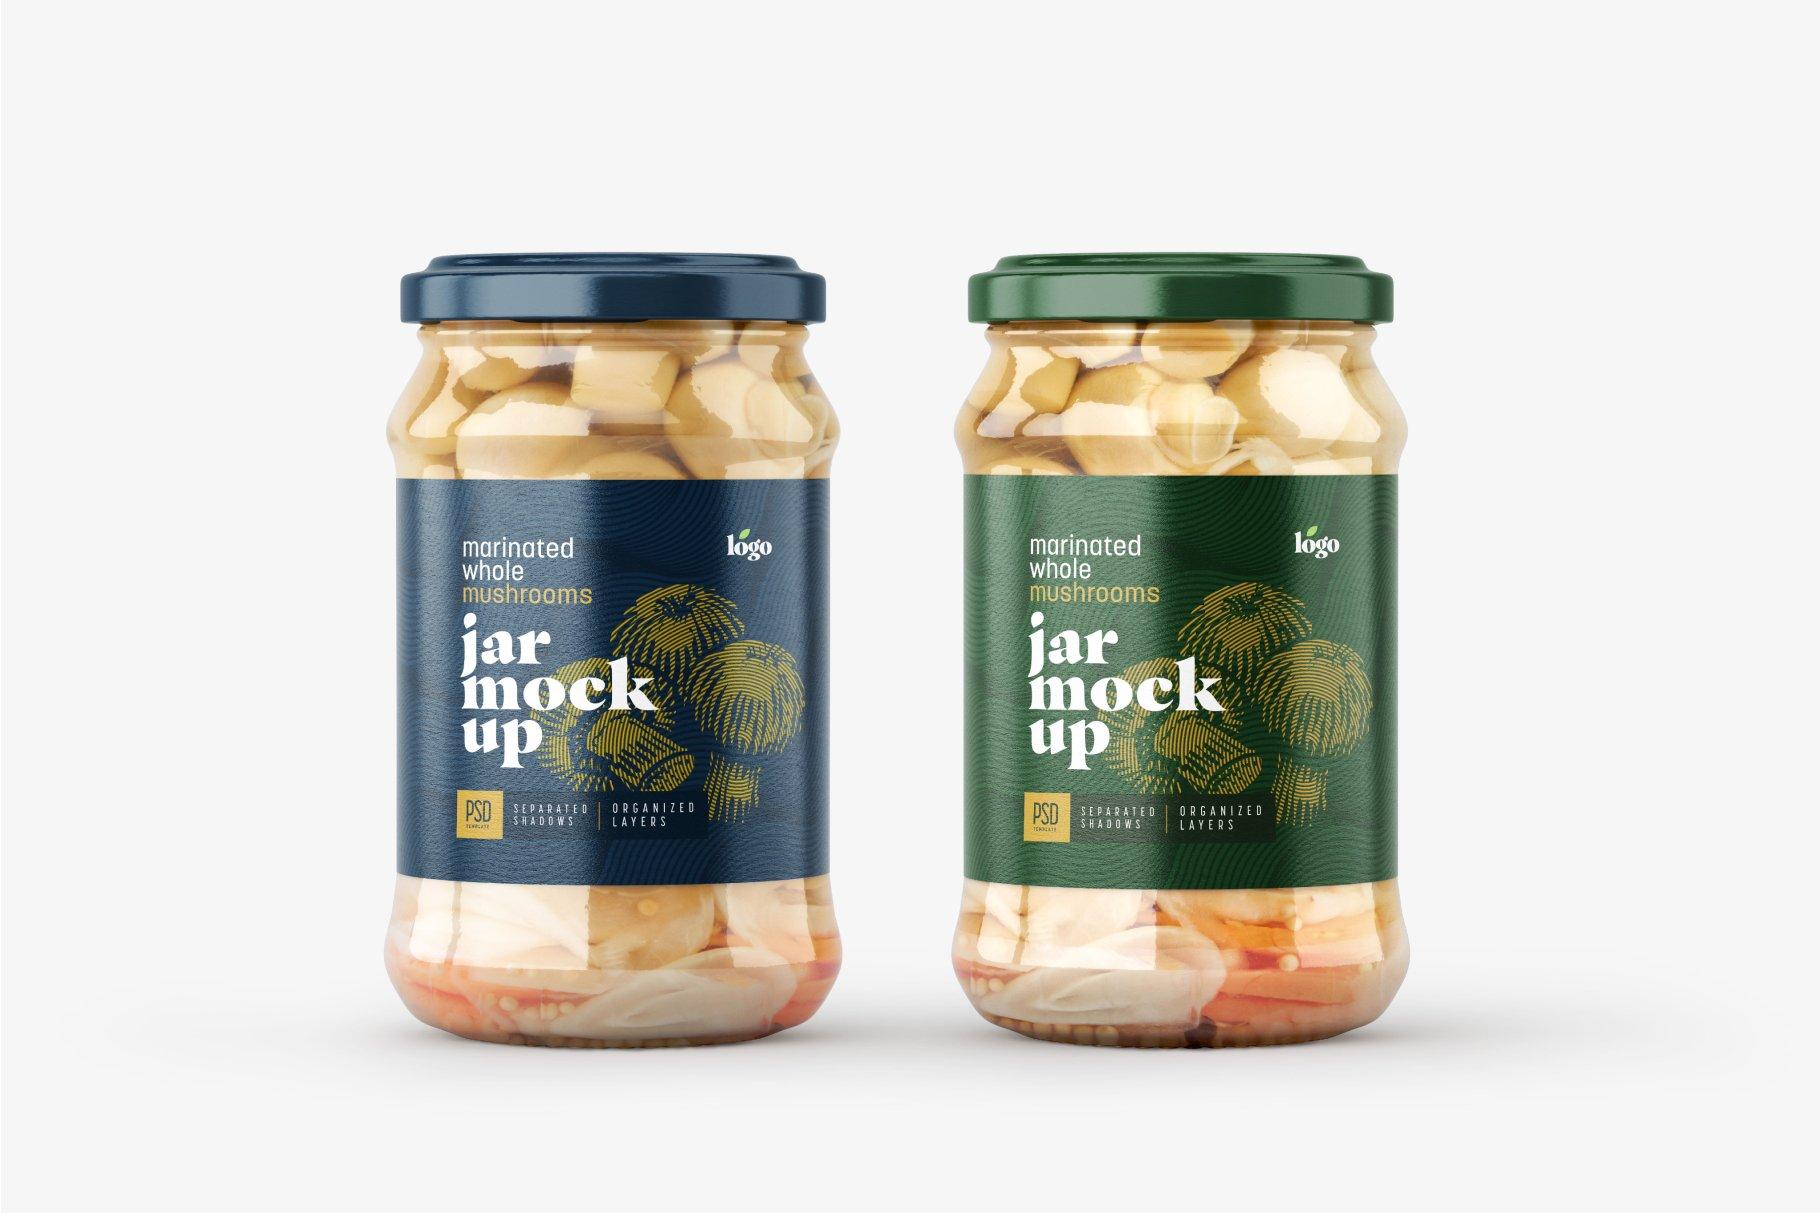 10款新潮蘑菇果酱水果罐头玻璃瓶标签设计展示样机合集 Whole Mushroom Jar Mockup Set插图9